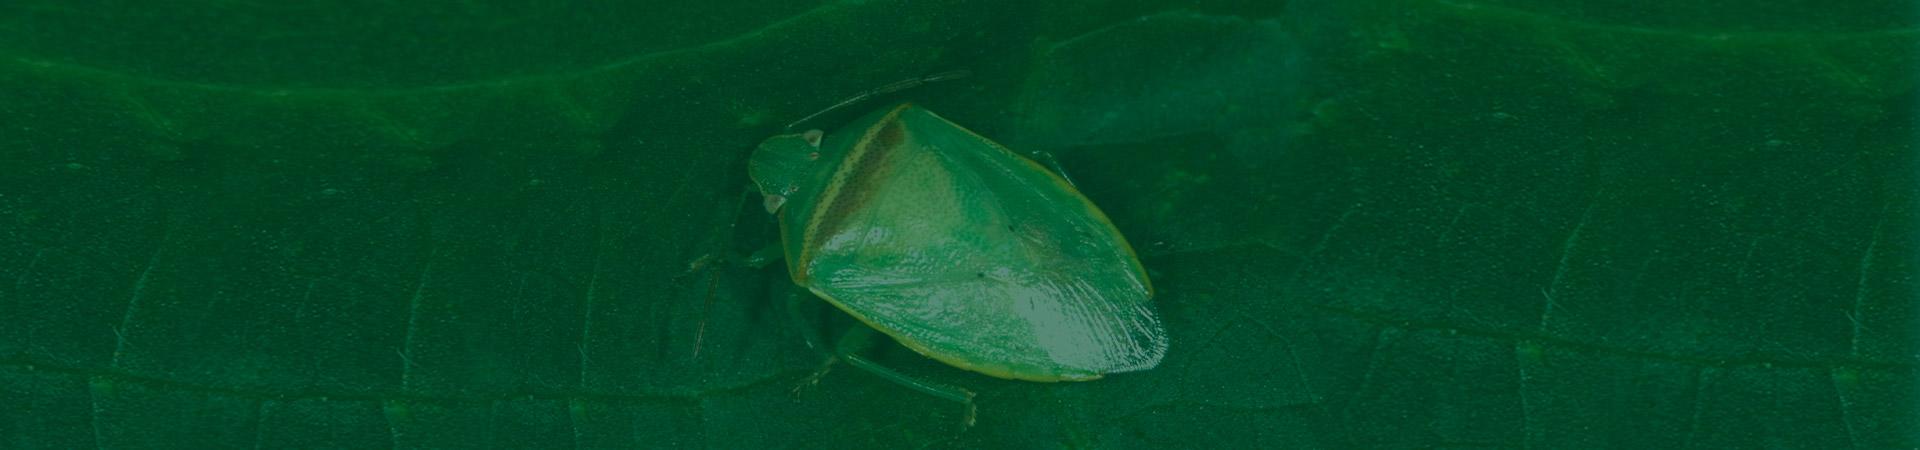 Percevejo verde pequeno da soja – ocorrência e danos